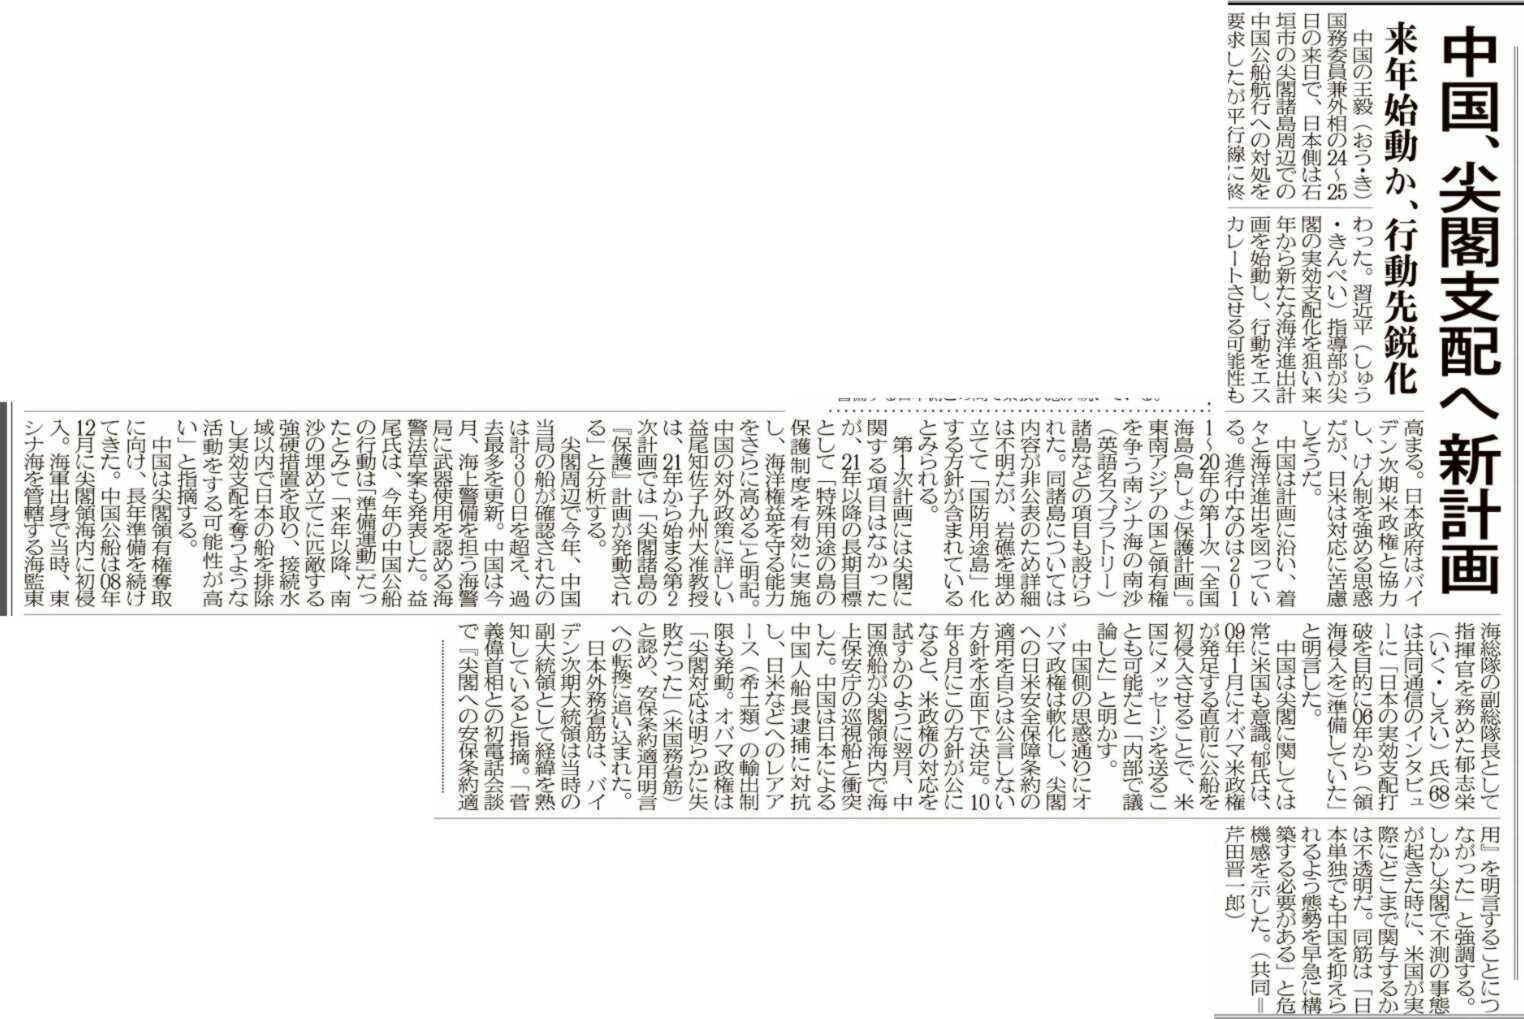 yaenippou2020 11301